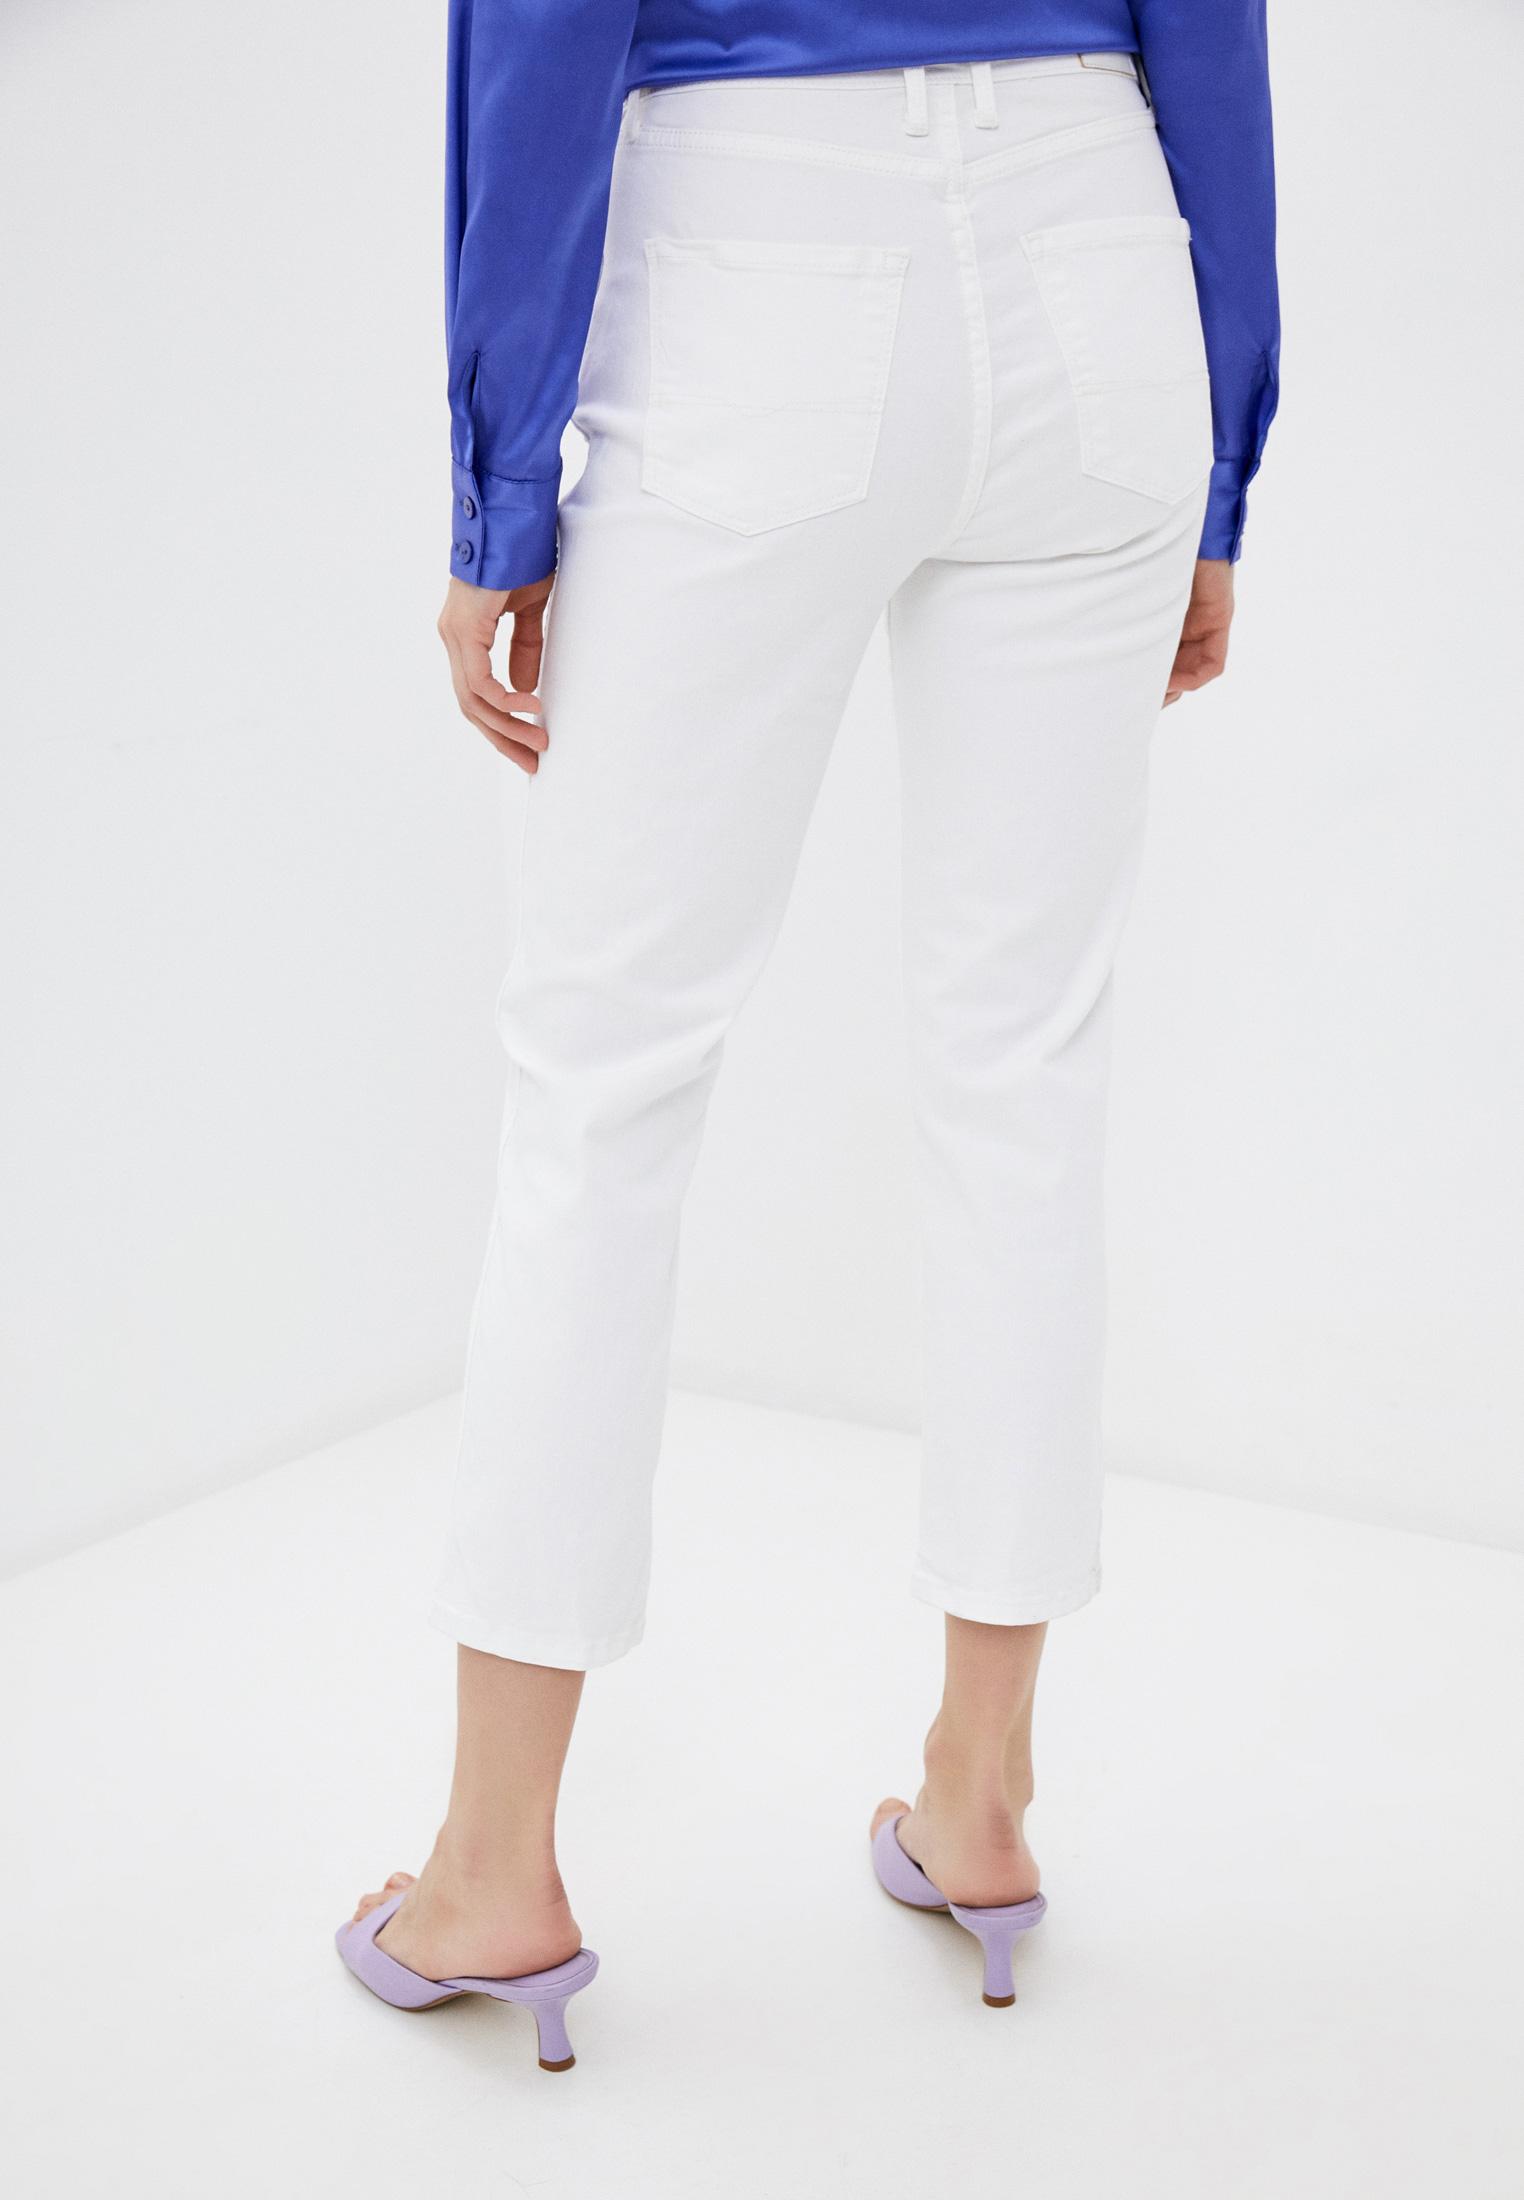 Зауженные джинсы Pepe Jeans (Пепе Джинс) PL203203D76: изображение 3